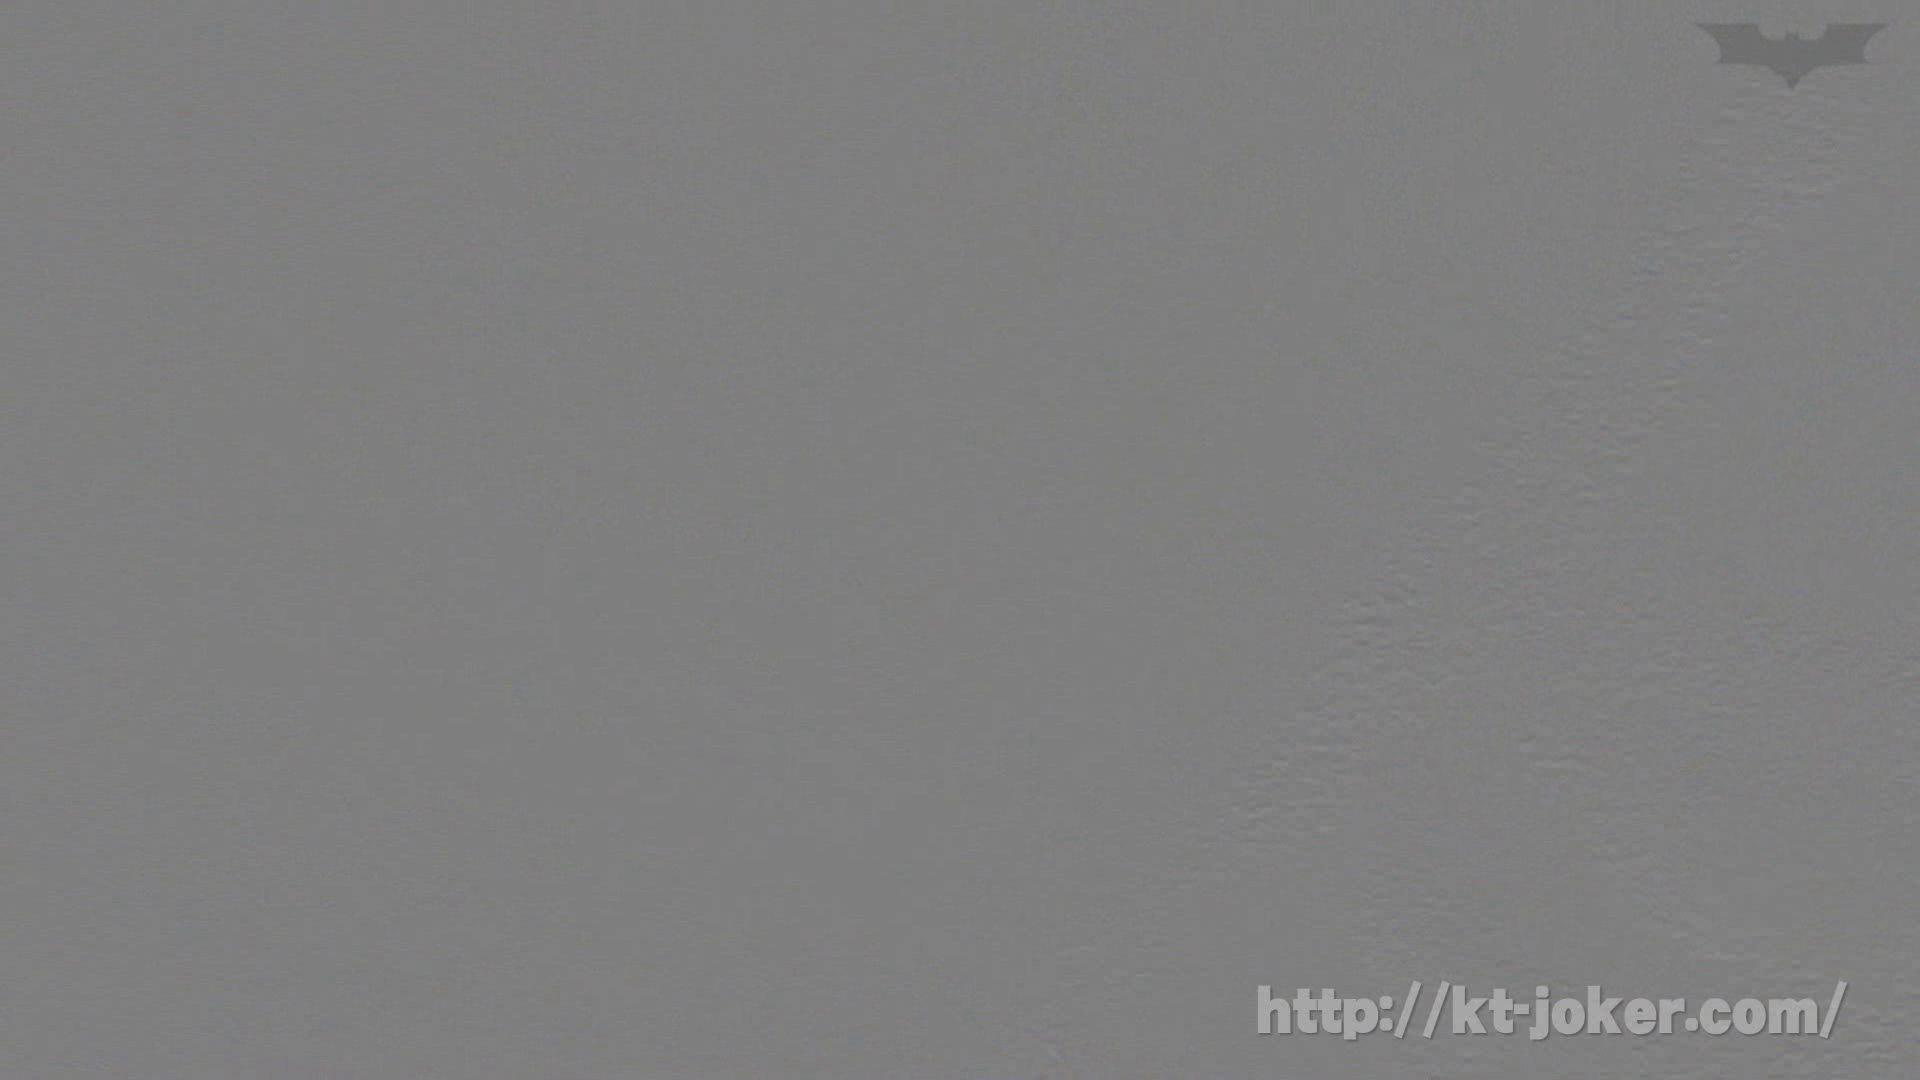 命がけ潜伏洗面所! vol.68 レベルアップ!! 洗面所 性交動画流出 81連発 38